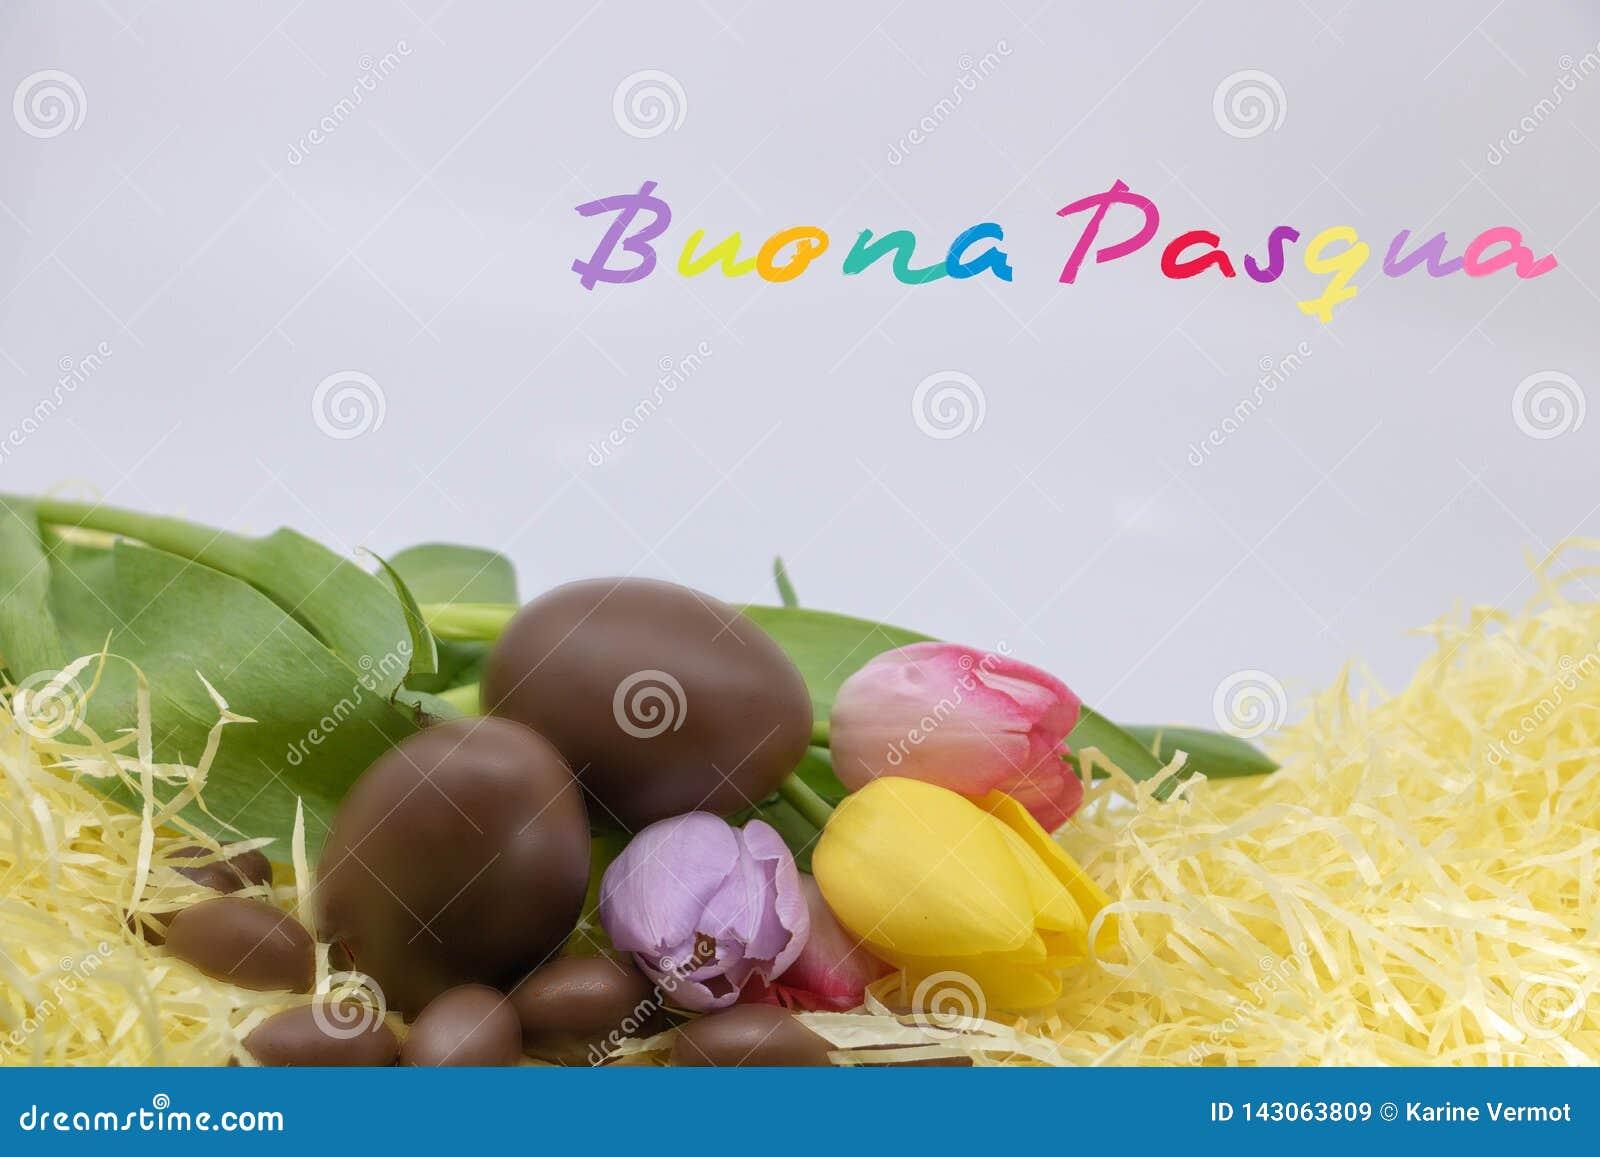 Il testo variopinto stesso Buona Pasqua è Pasqua felice scritta in italiano per Pasqua